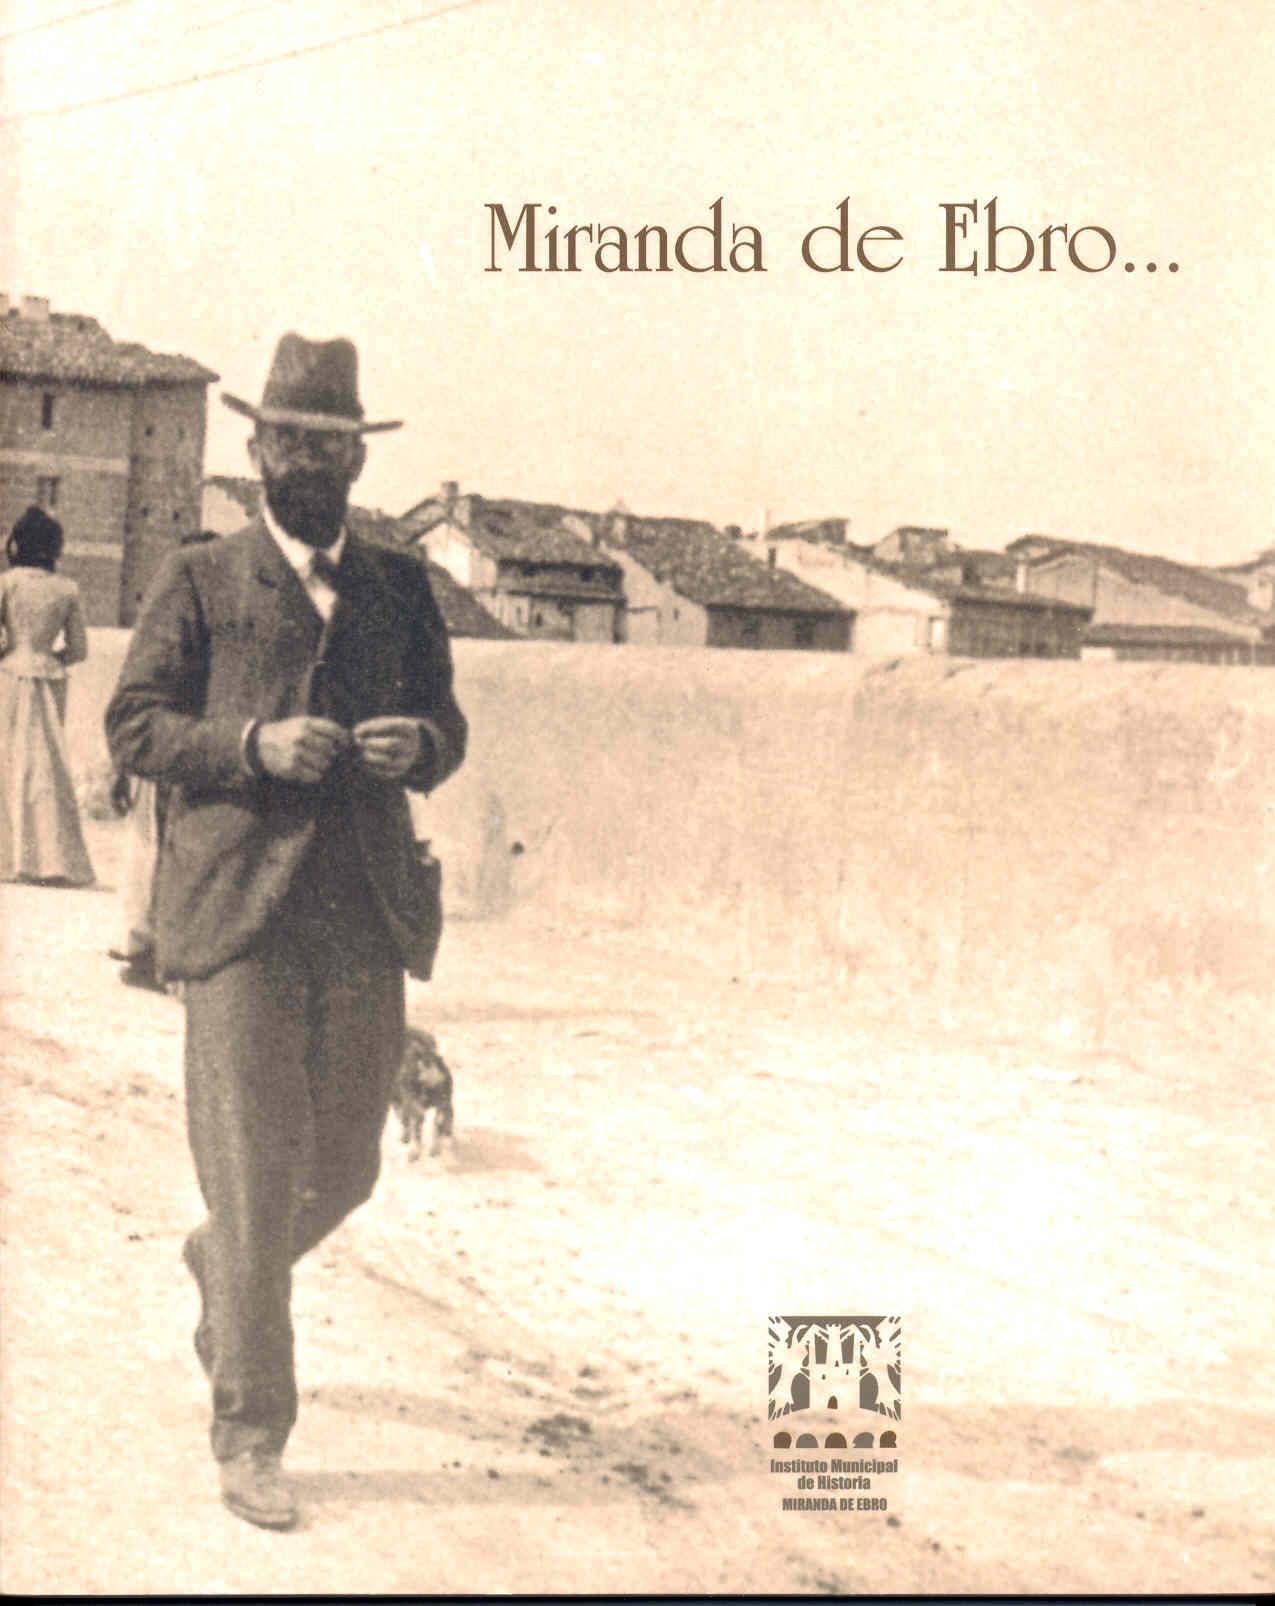 Ayuntamiento de miranda de ebro miranda de ebro for Decoracion 88 miranda de ebro